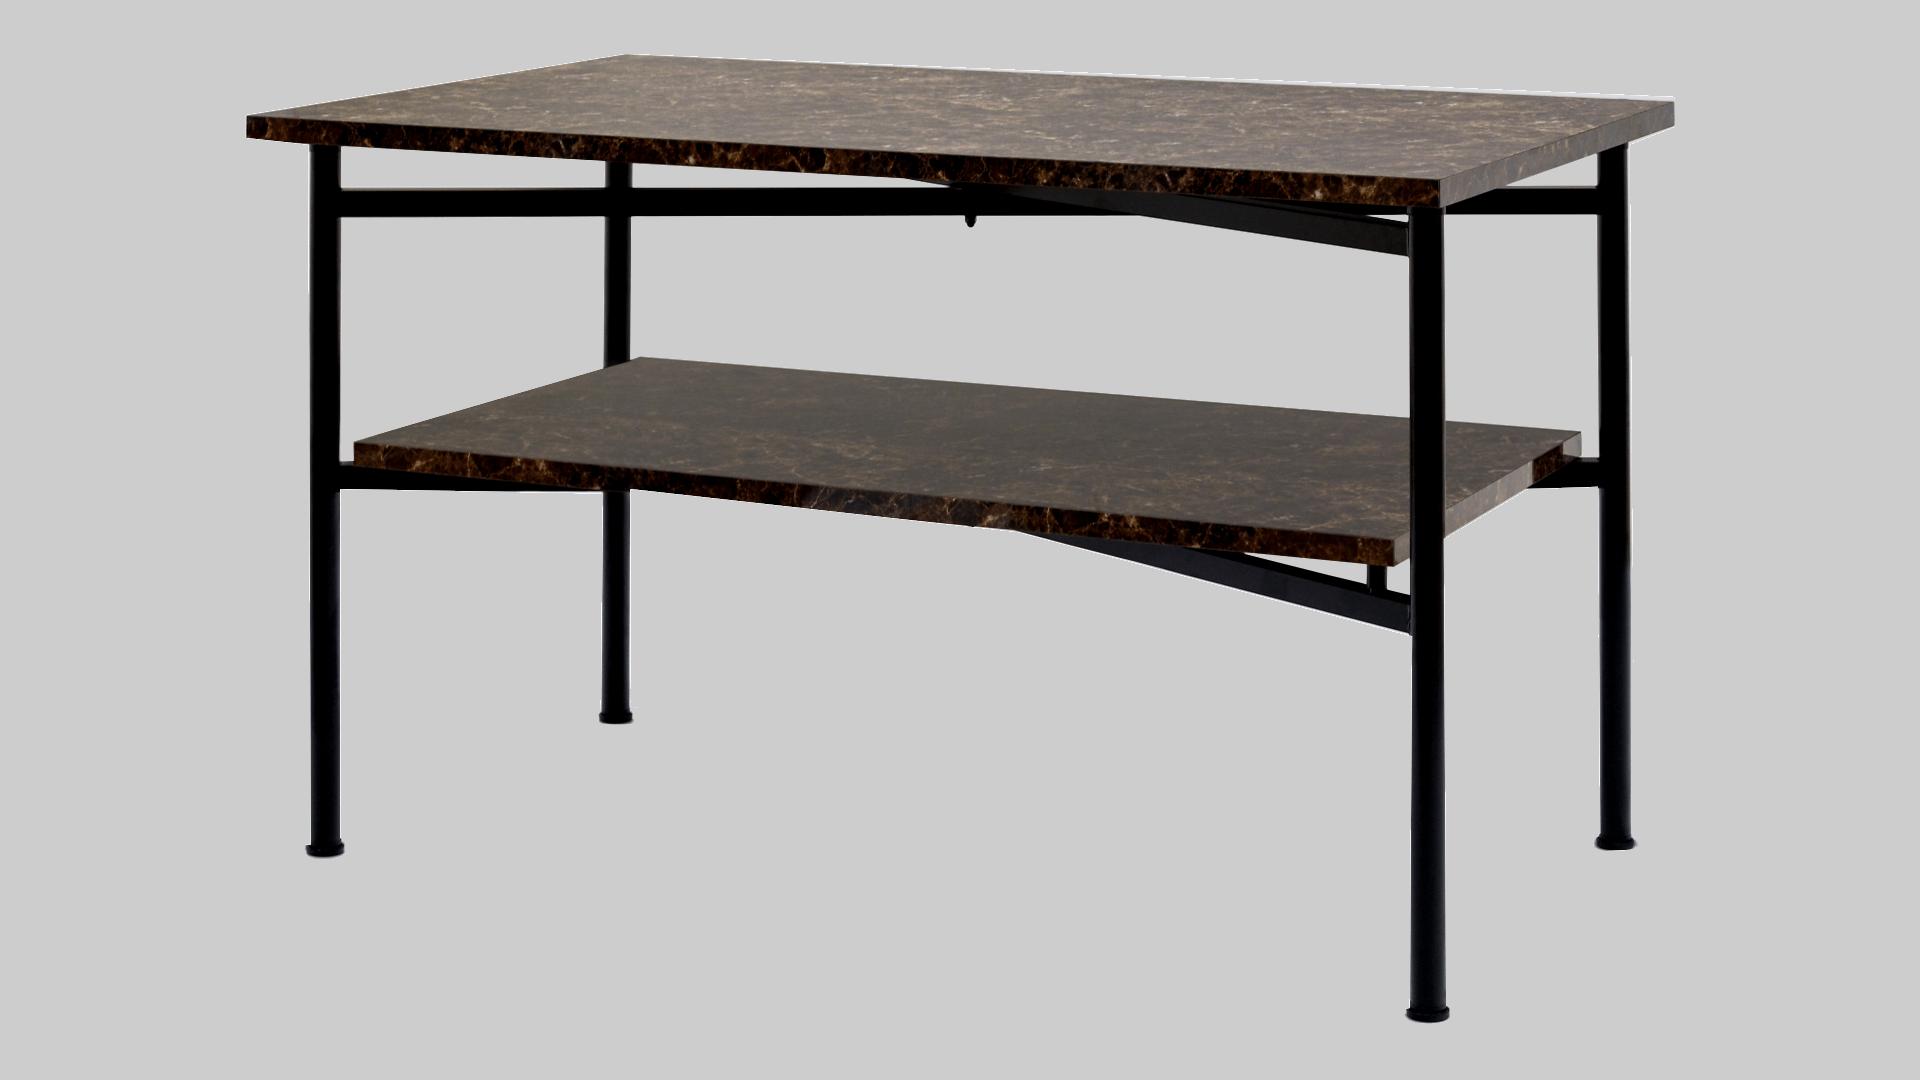 スプレッドテーブル 棚付 イメージ